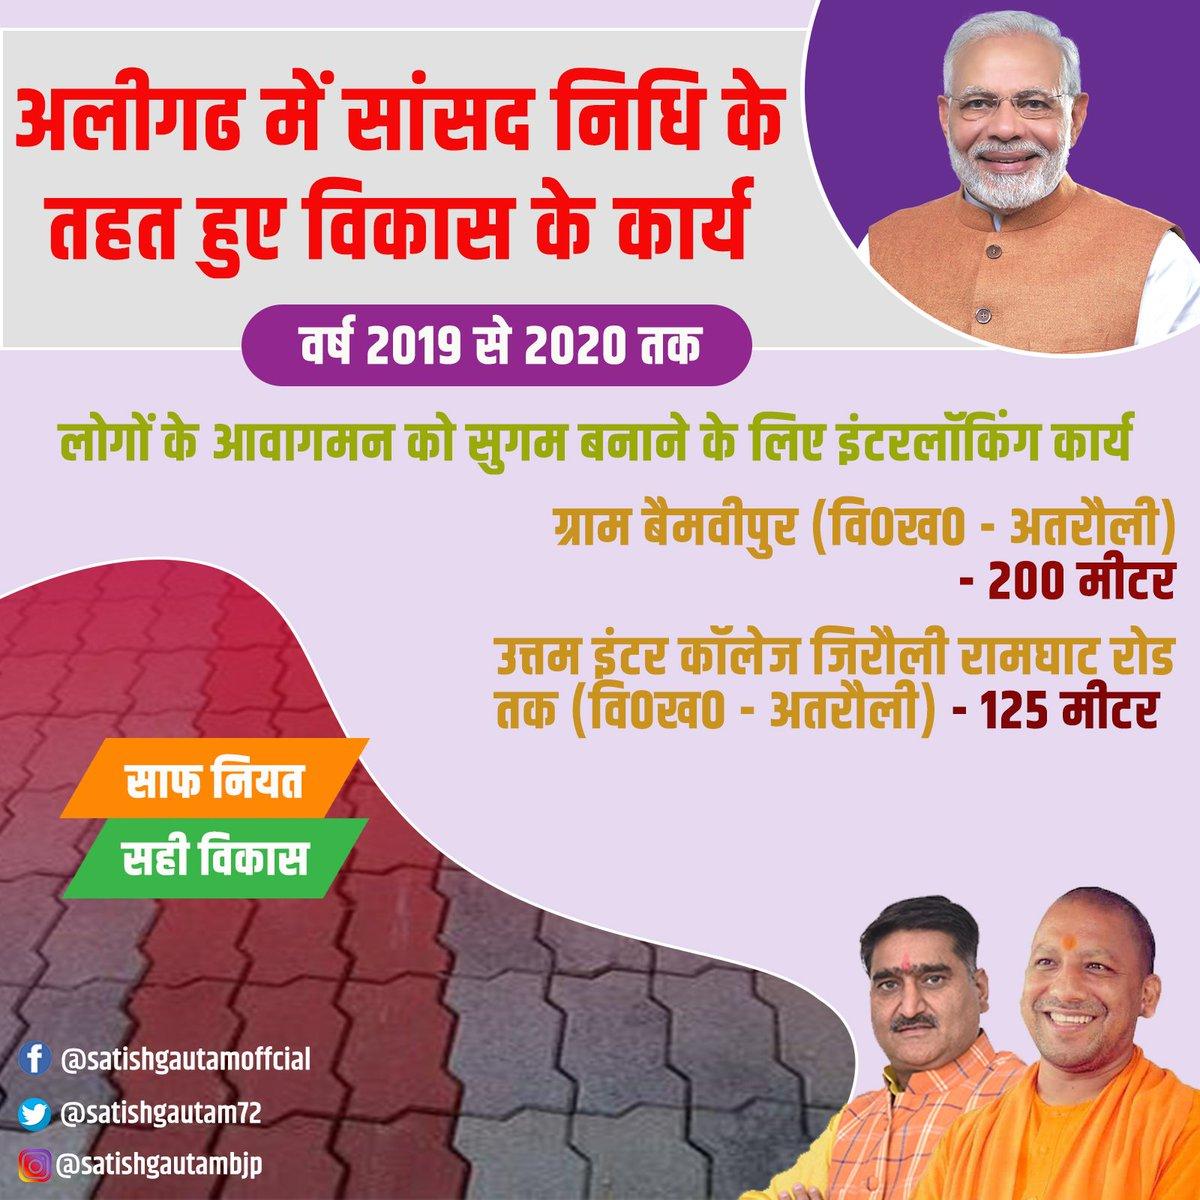 #SabkaSathSabkaVikas एवं #SaafNiyatSahiVikas के मूलमंत्र के साथ #Aligarh के गाँव- गाँव, गली - गली पहुंची है विकास की किरण।  जनता की मांगों के अनुसार हुआ सांसद निधि से मार्गों का निर्माण।  #Aligarh4NaMo #IndiaSaysNaMoAgain #bjpaligarh #bjp #UttarPradesh https://t.co/LptWmy6O9B